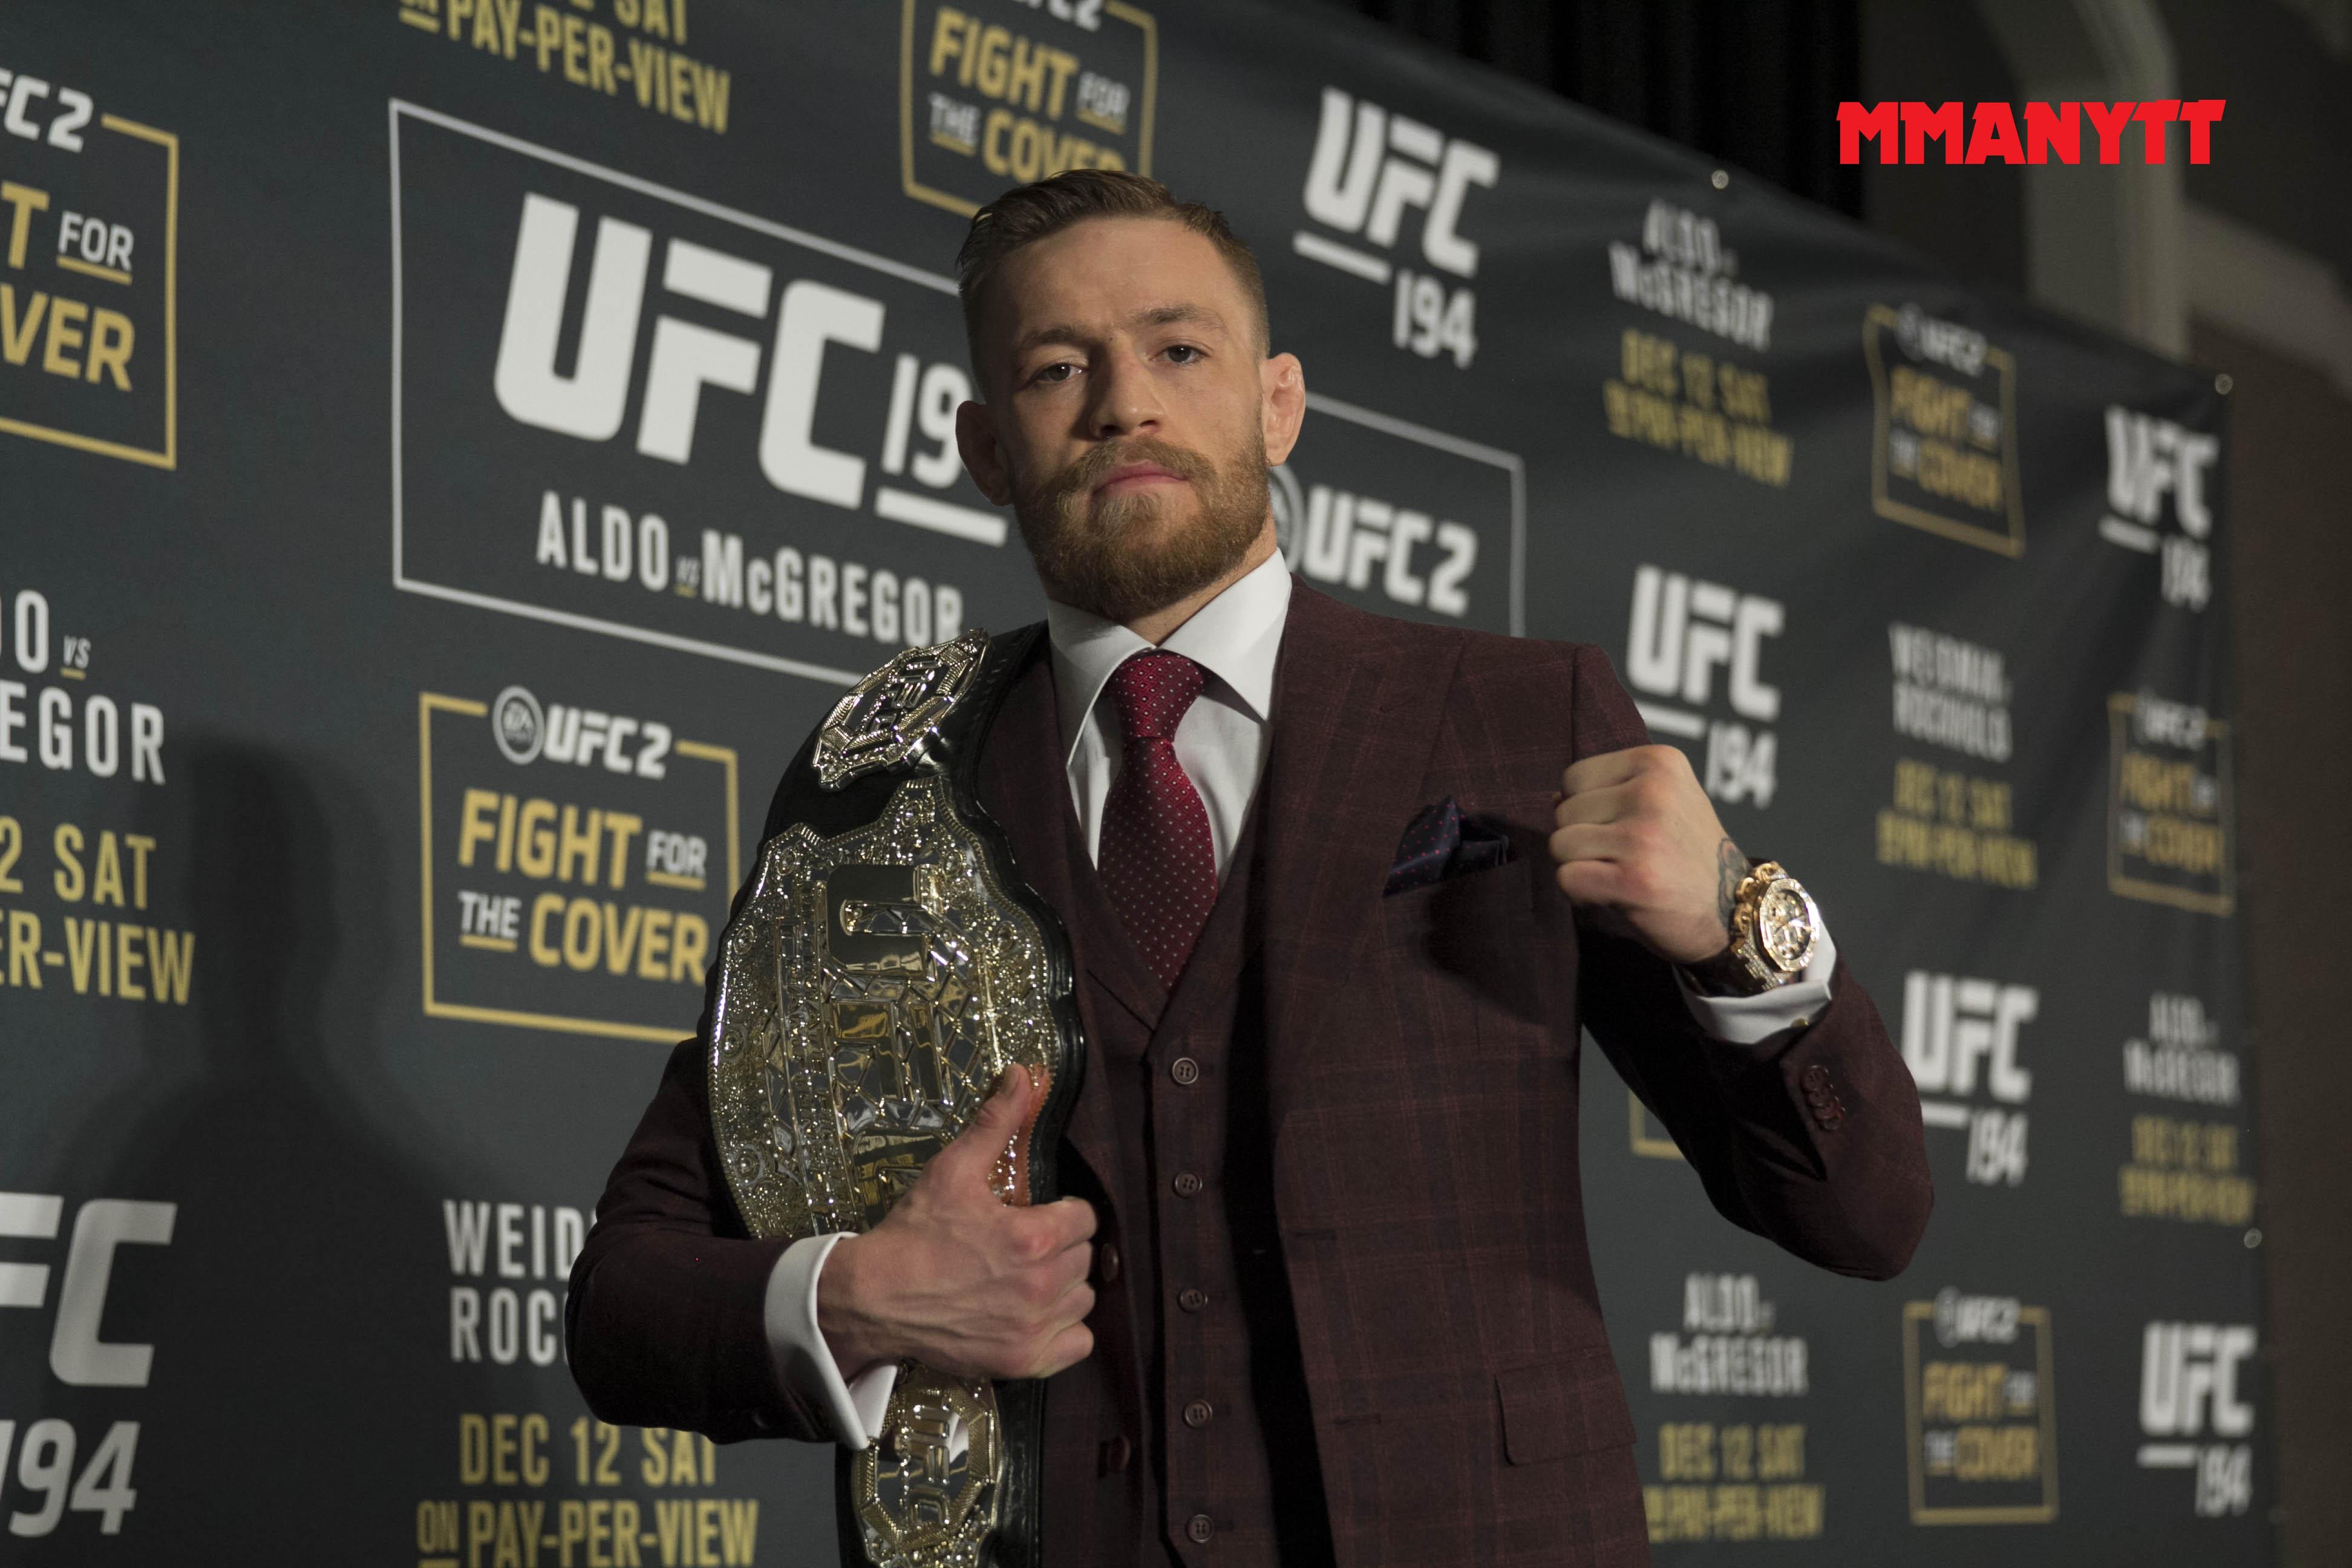 Alla vill möta Conor McGregor just nu. Men mycket tyder på att en match mellan honom och dos Anjos kan vara aktuell härnäst. Foto: Mazdak Cavian